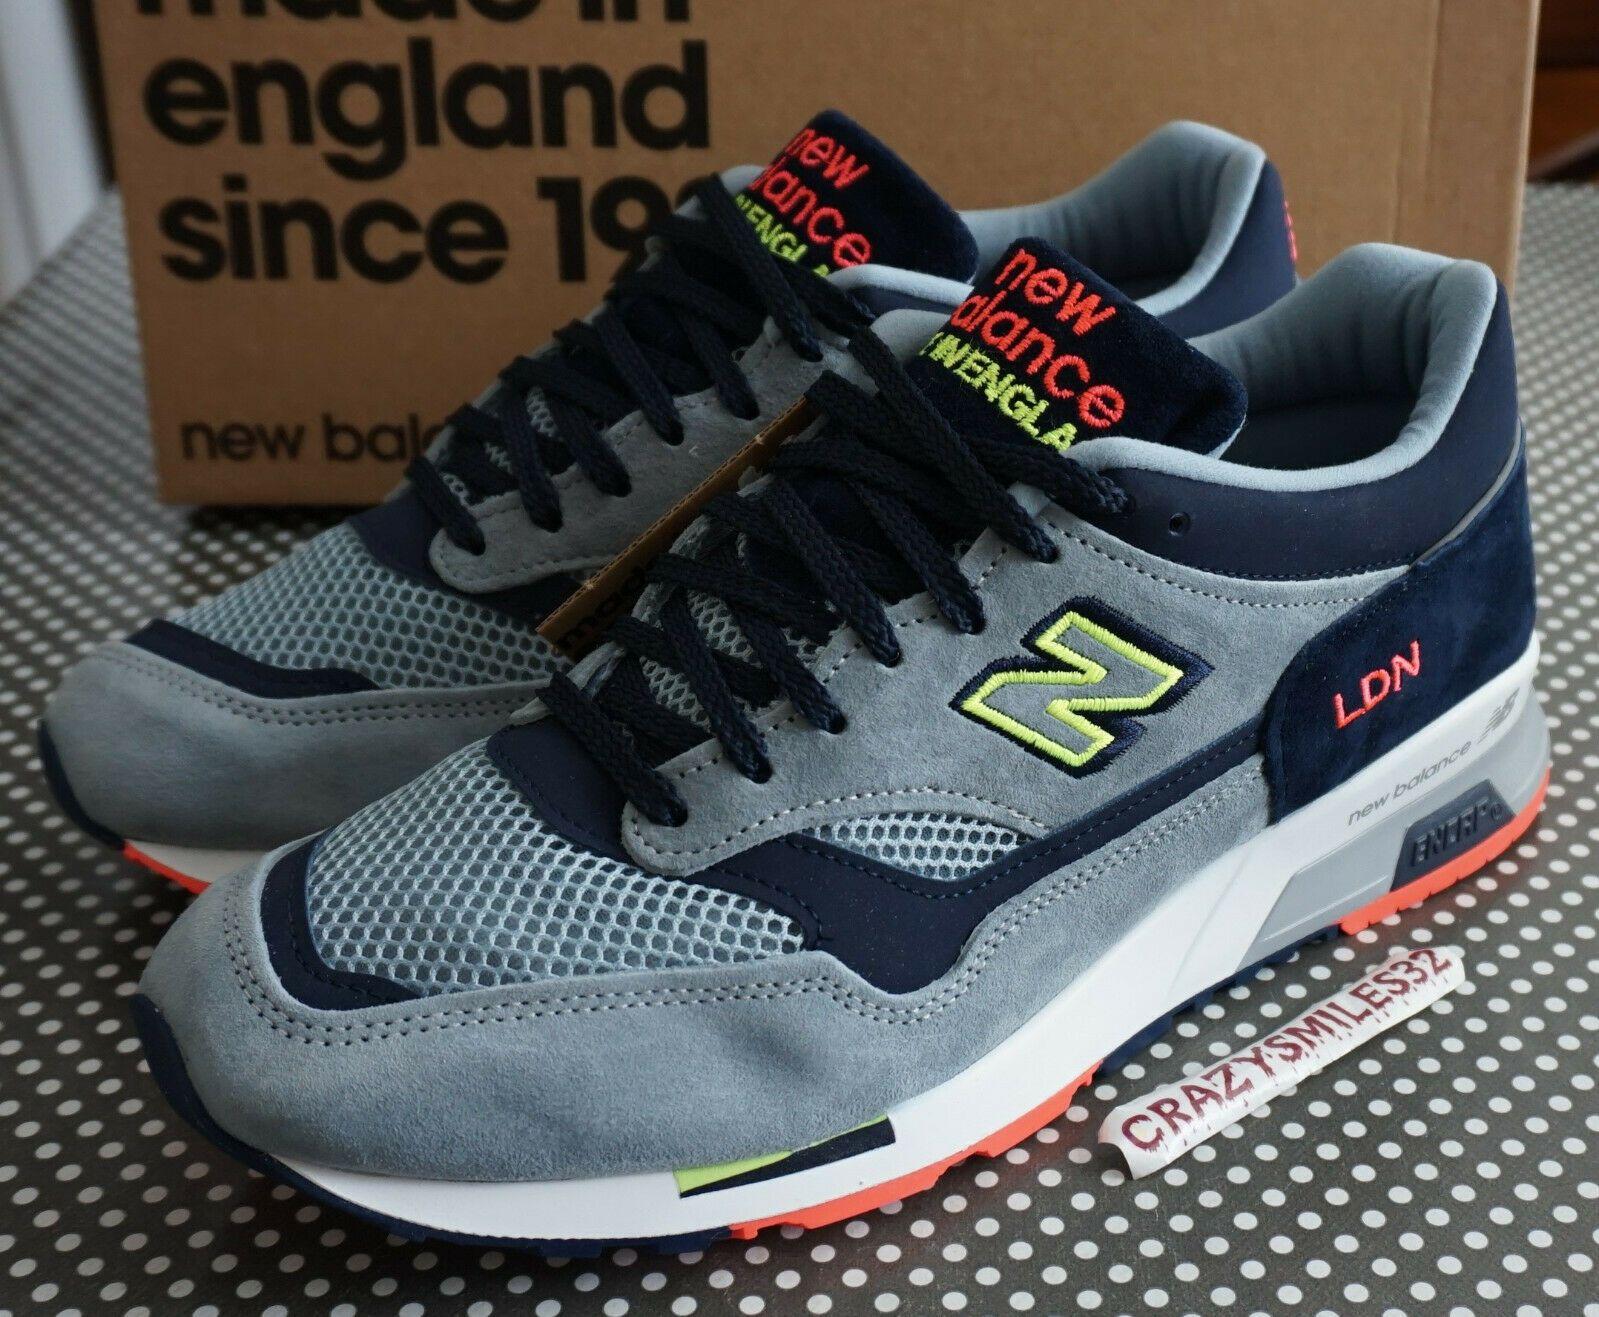 competitive price ea375 23982 Details about New Balance M 1500 LDC Sz 8 London Marathon ...